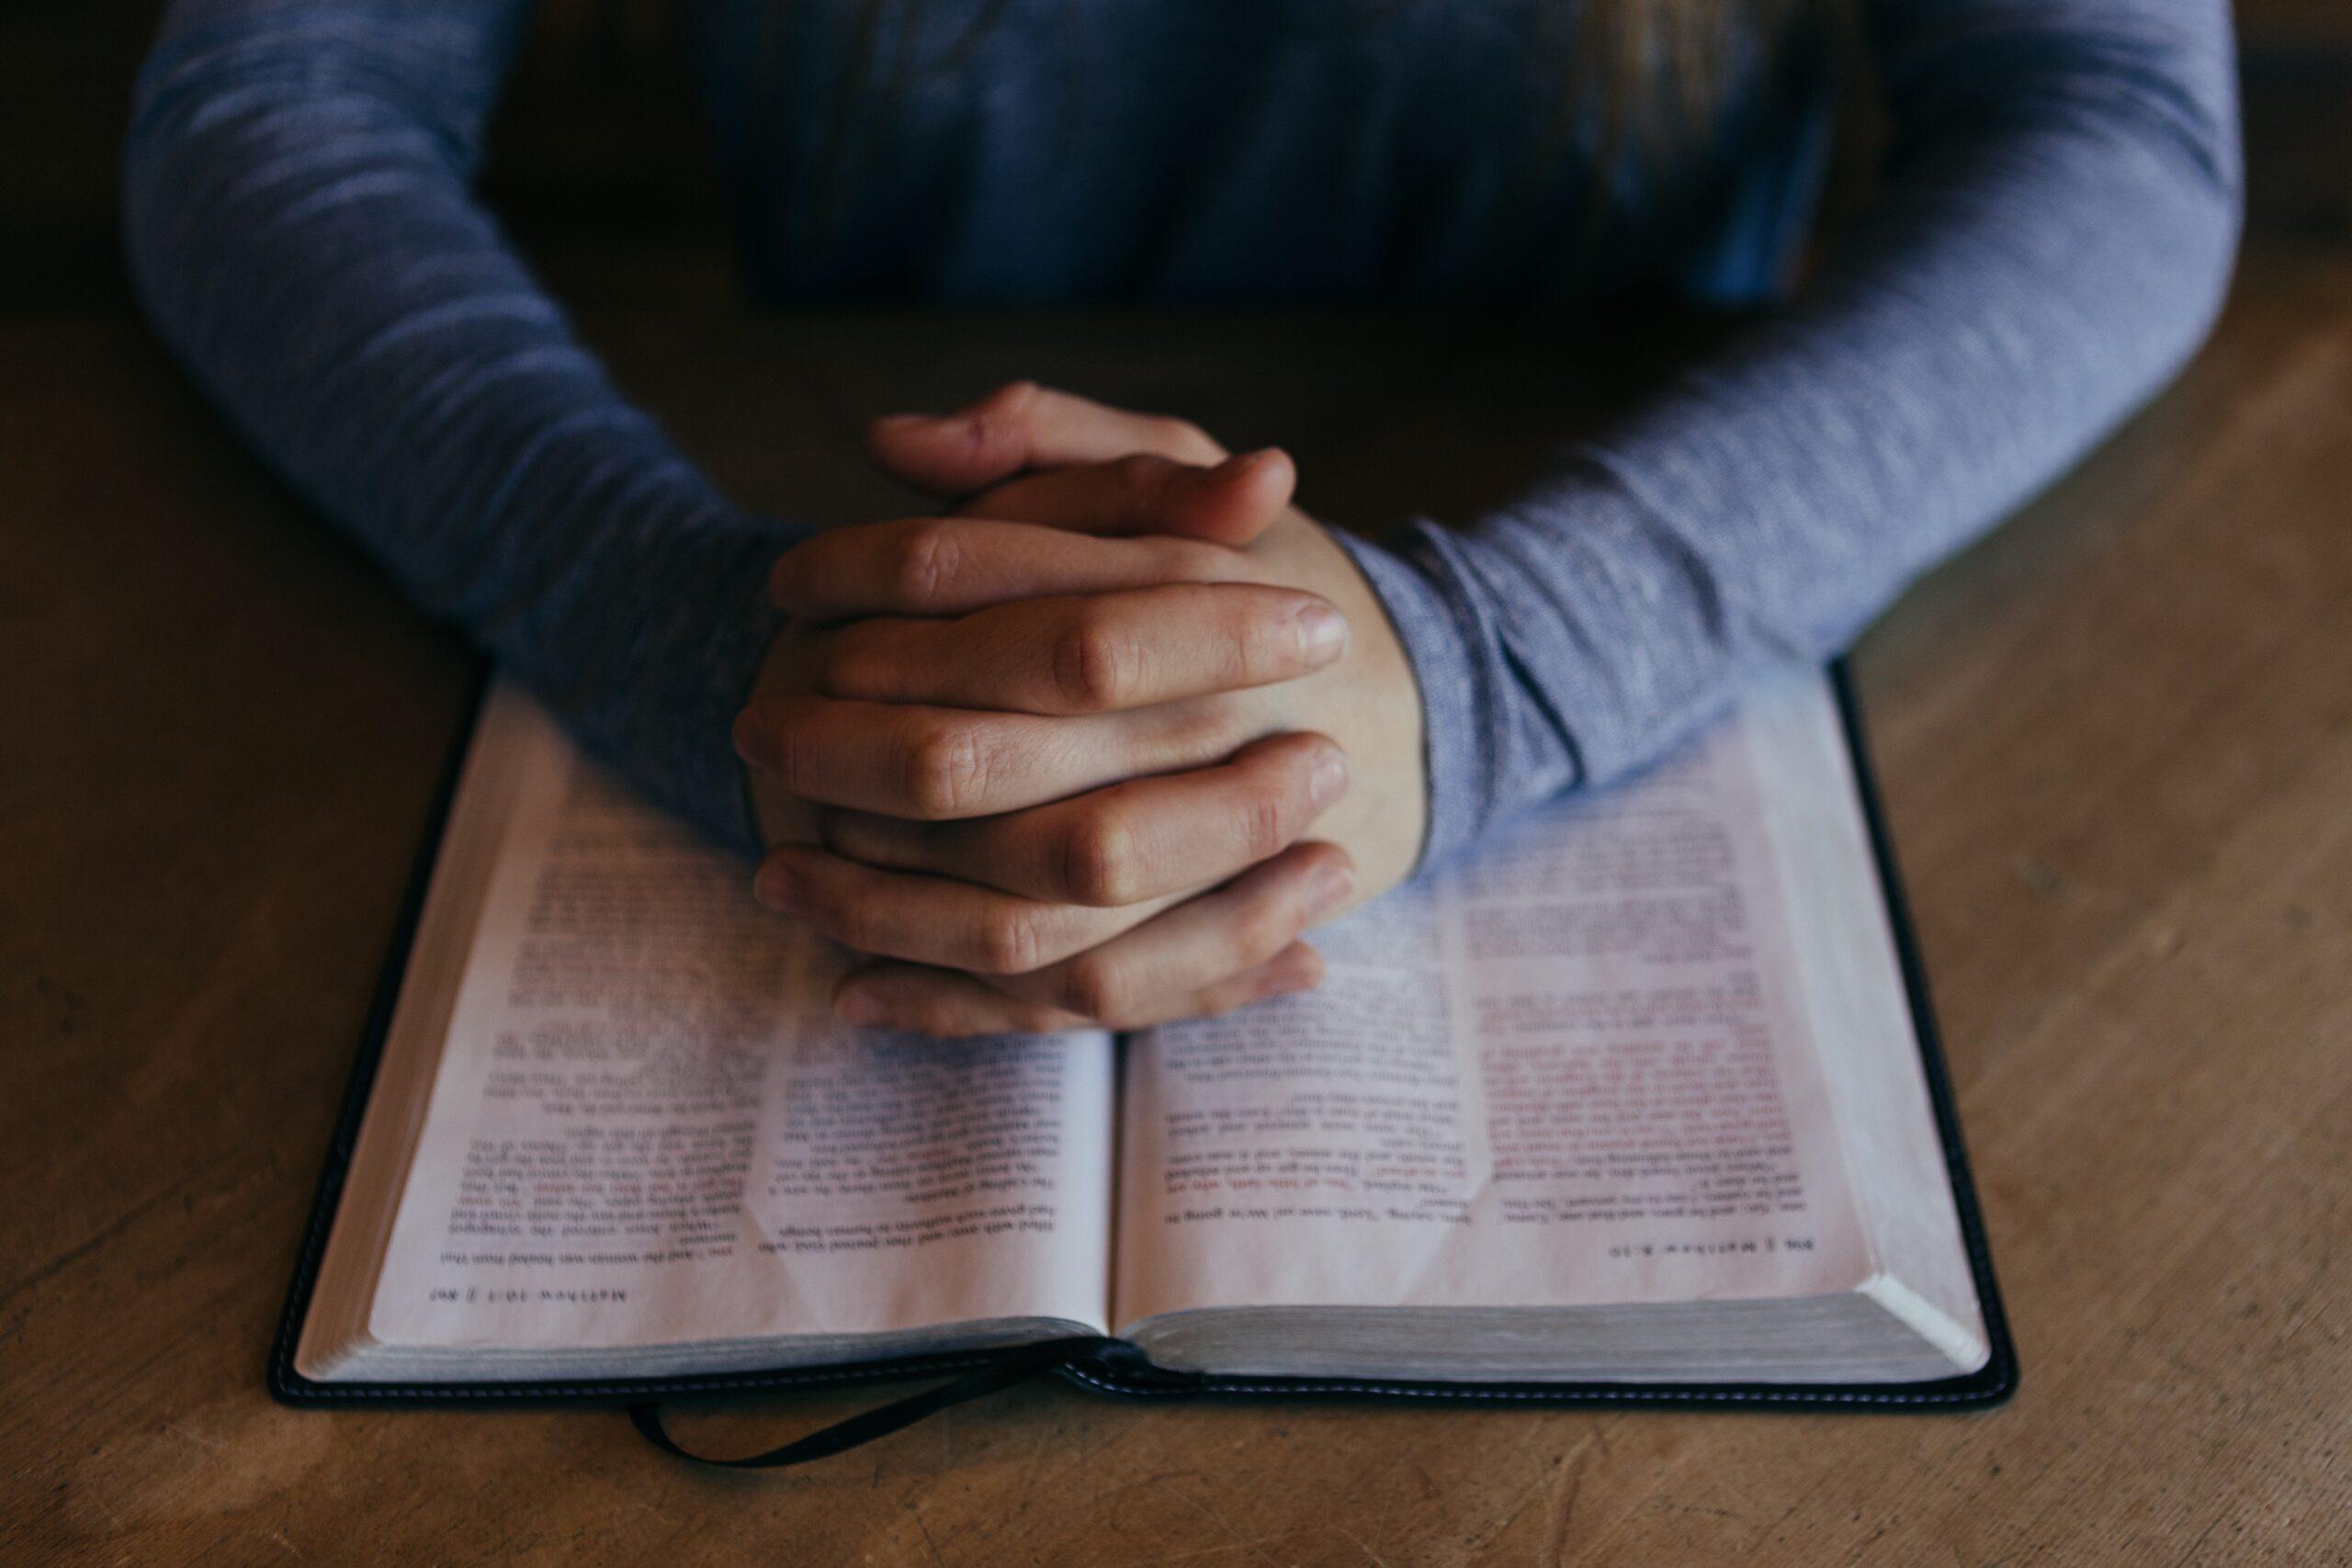 man praying using prayer structure over Bible